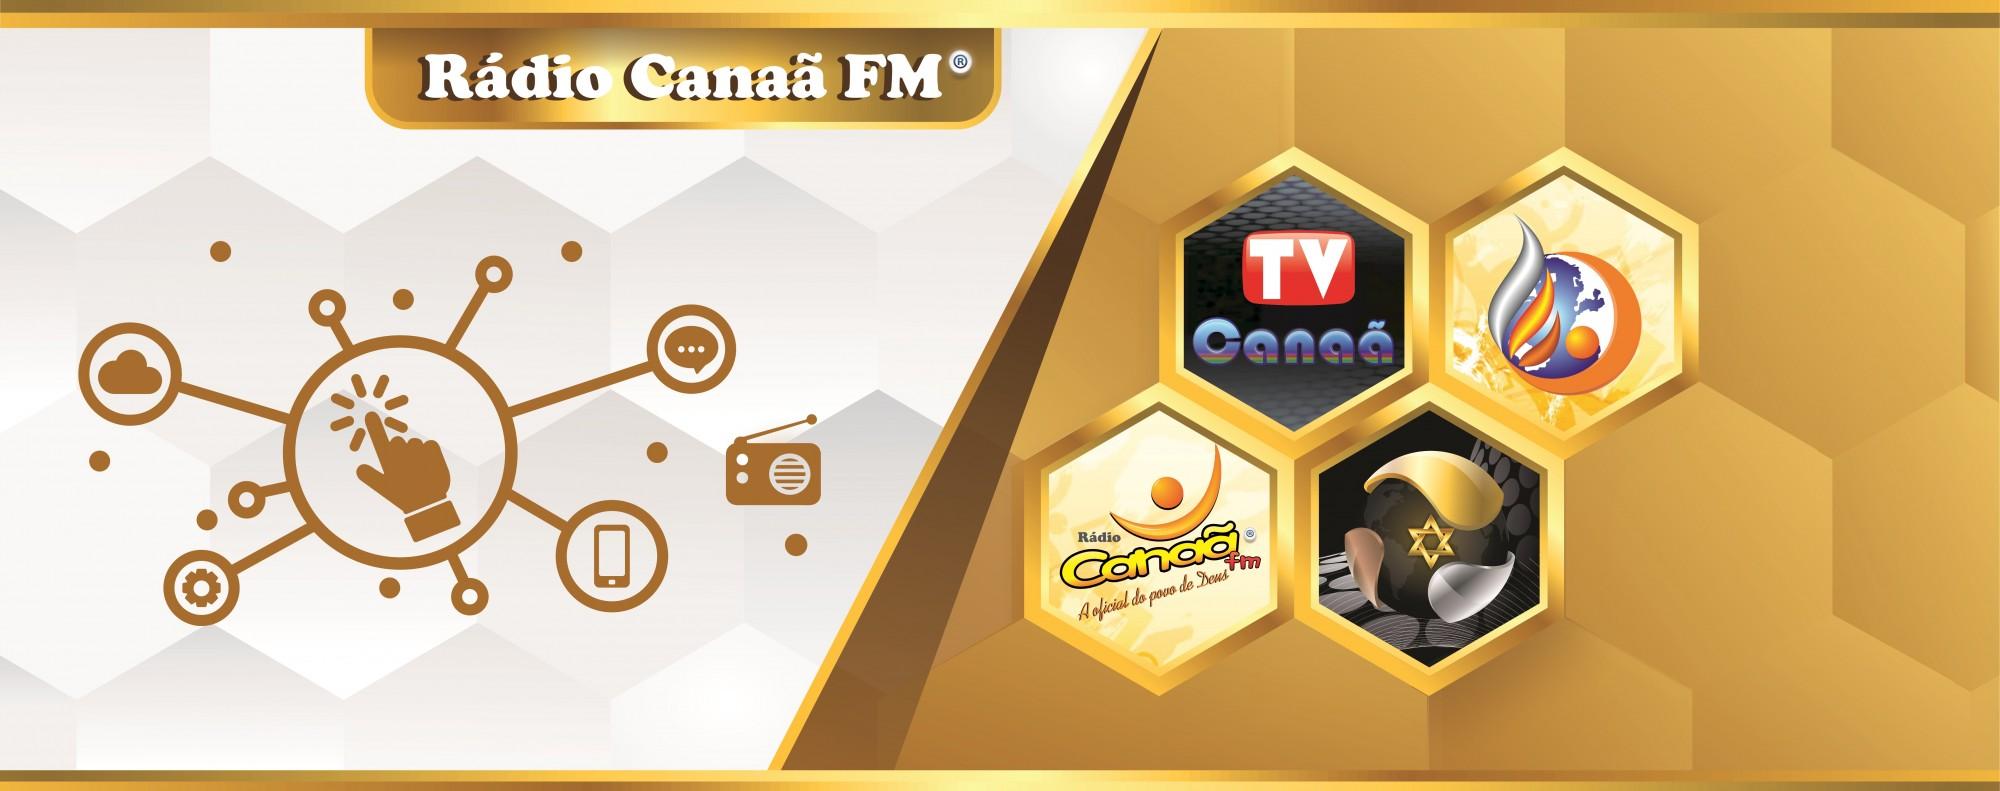 Rádio Canaã FM_01